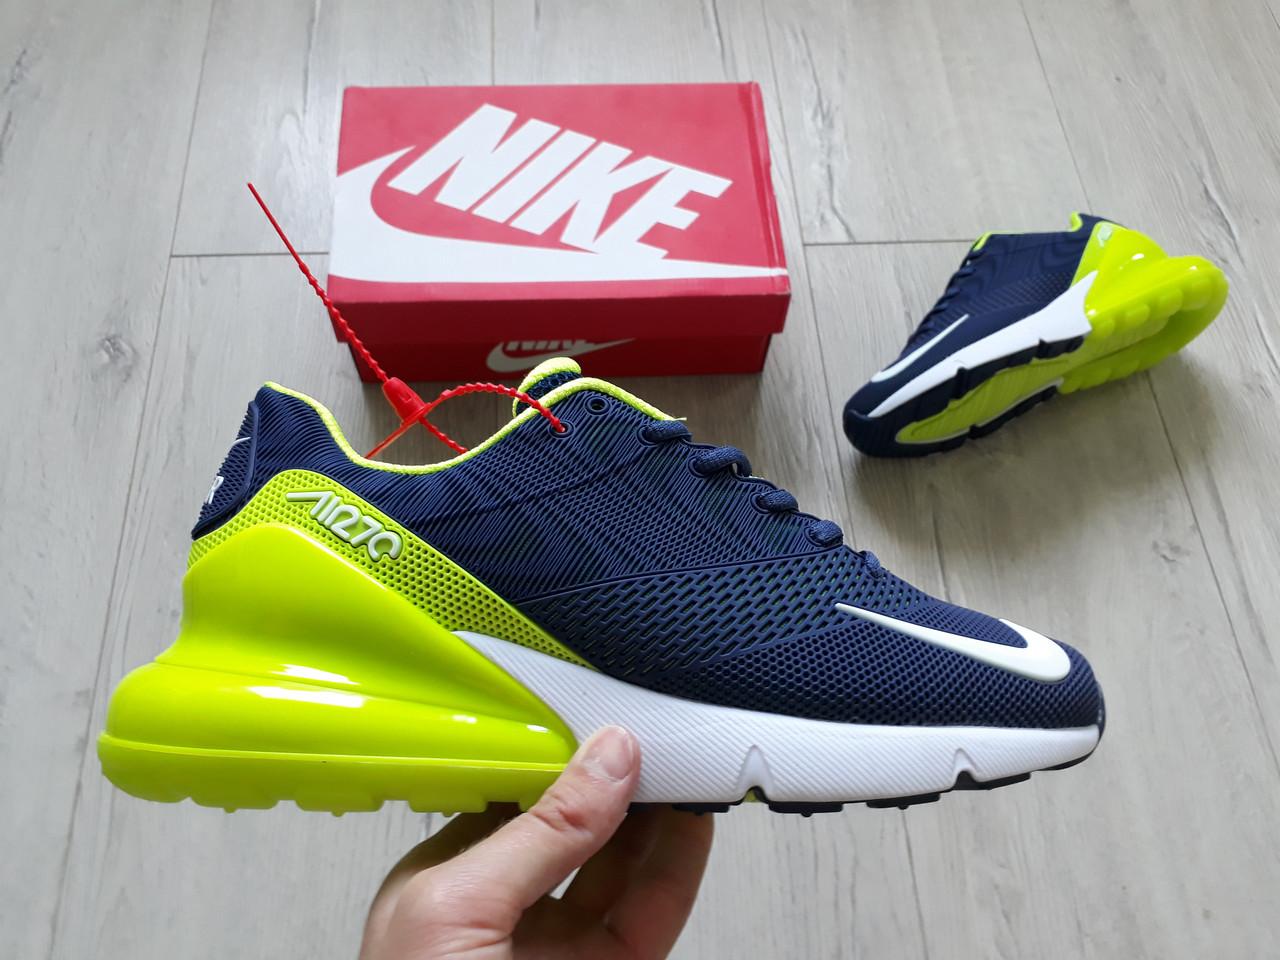 946f2bc2 Мужские кроссовки Nike Air Max 270 Flyknit Blue/Lime топ реплика, много  цветов в